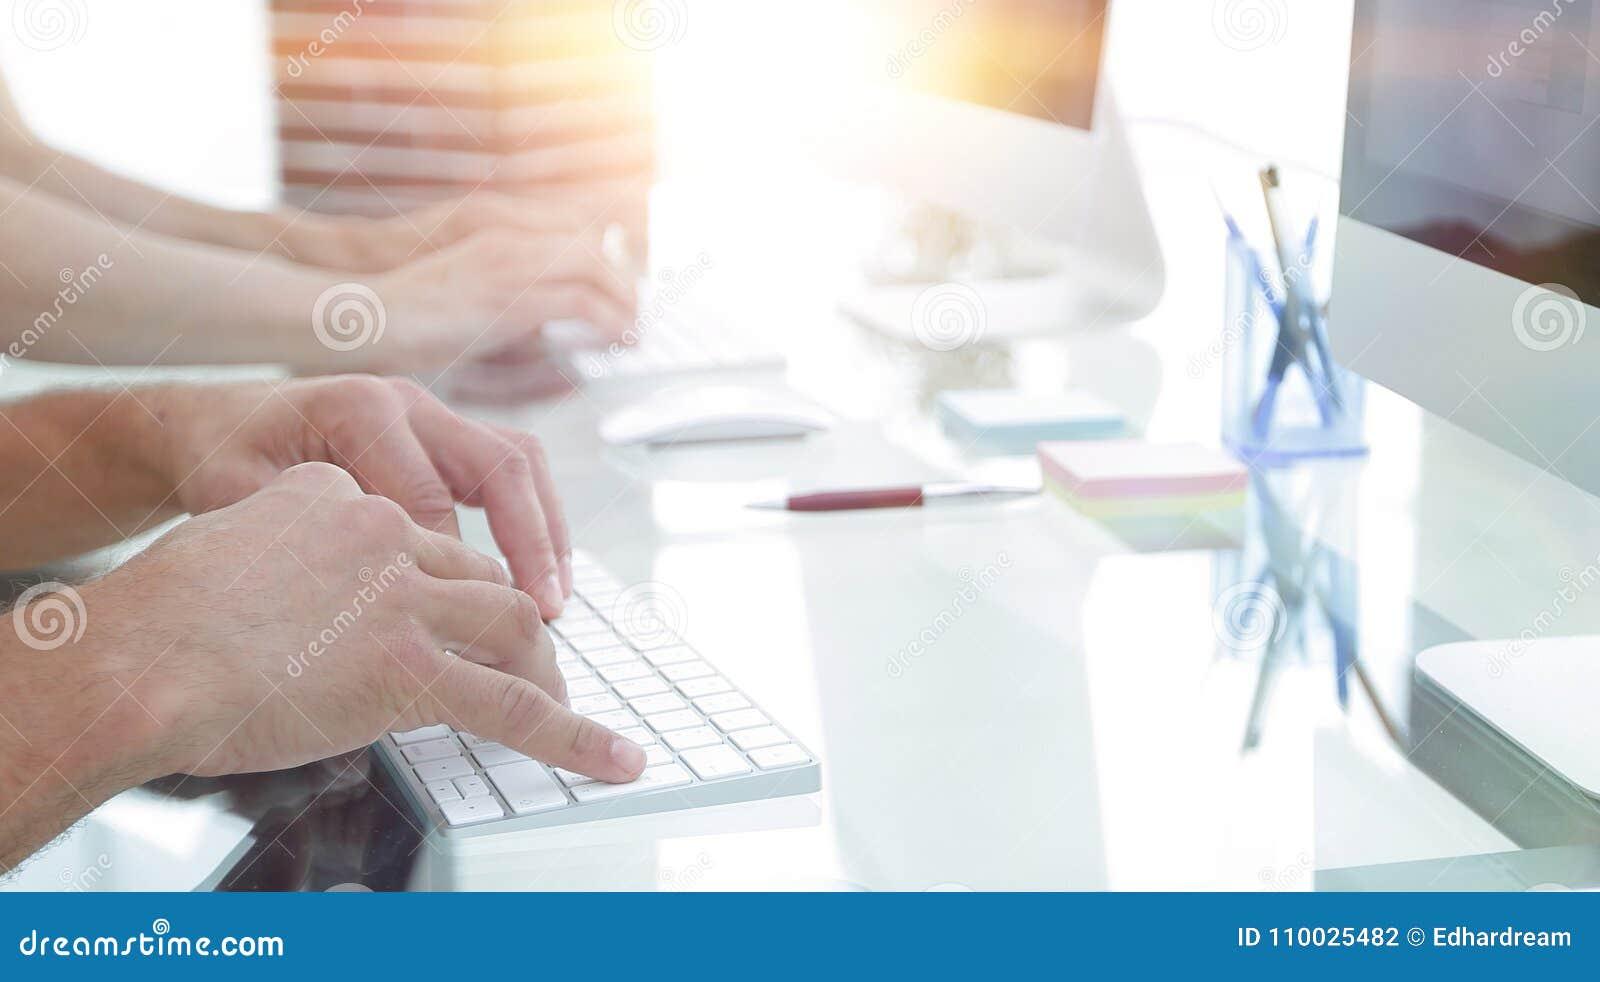 Close-up van een werkplaats met een computer in een modern bureau